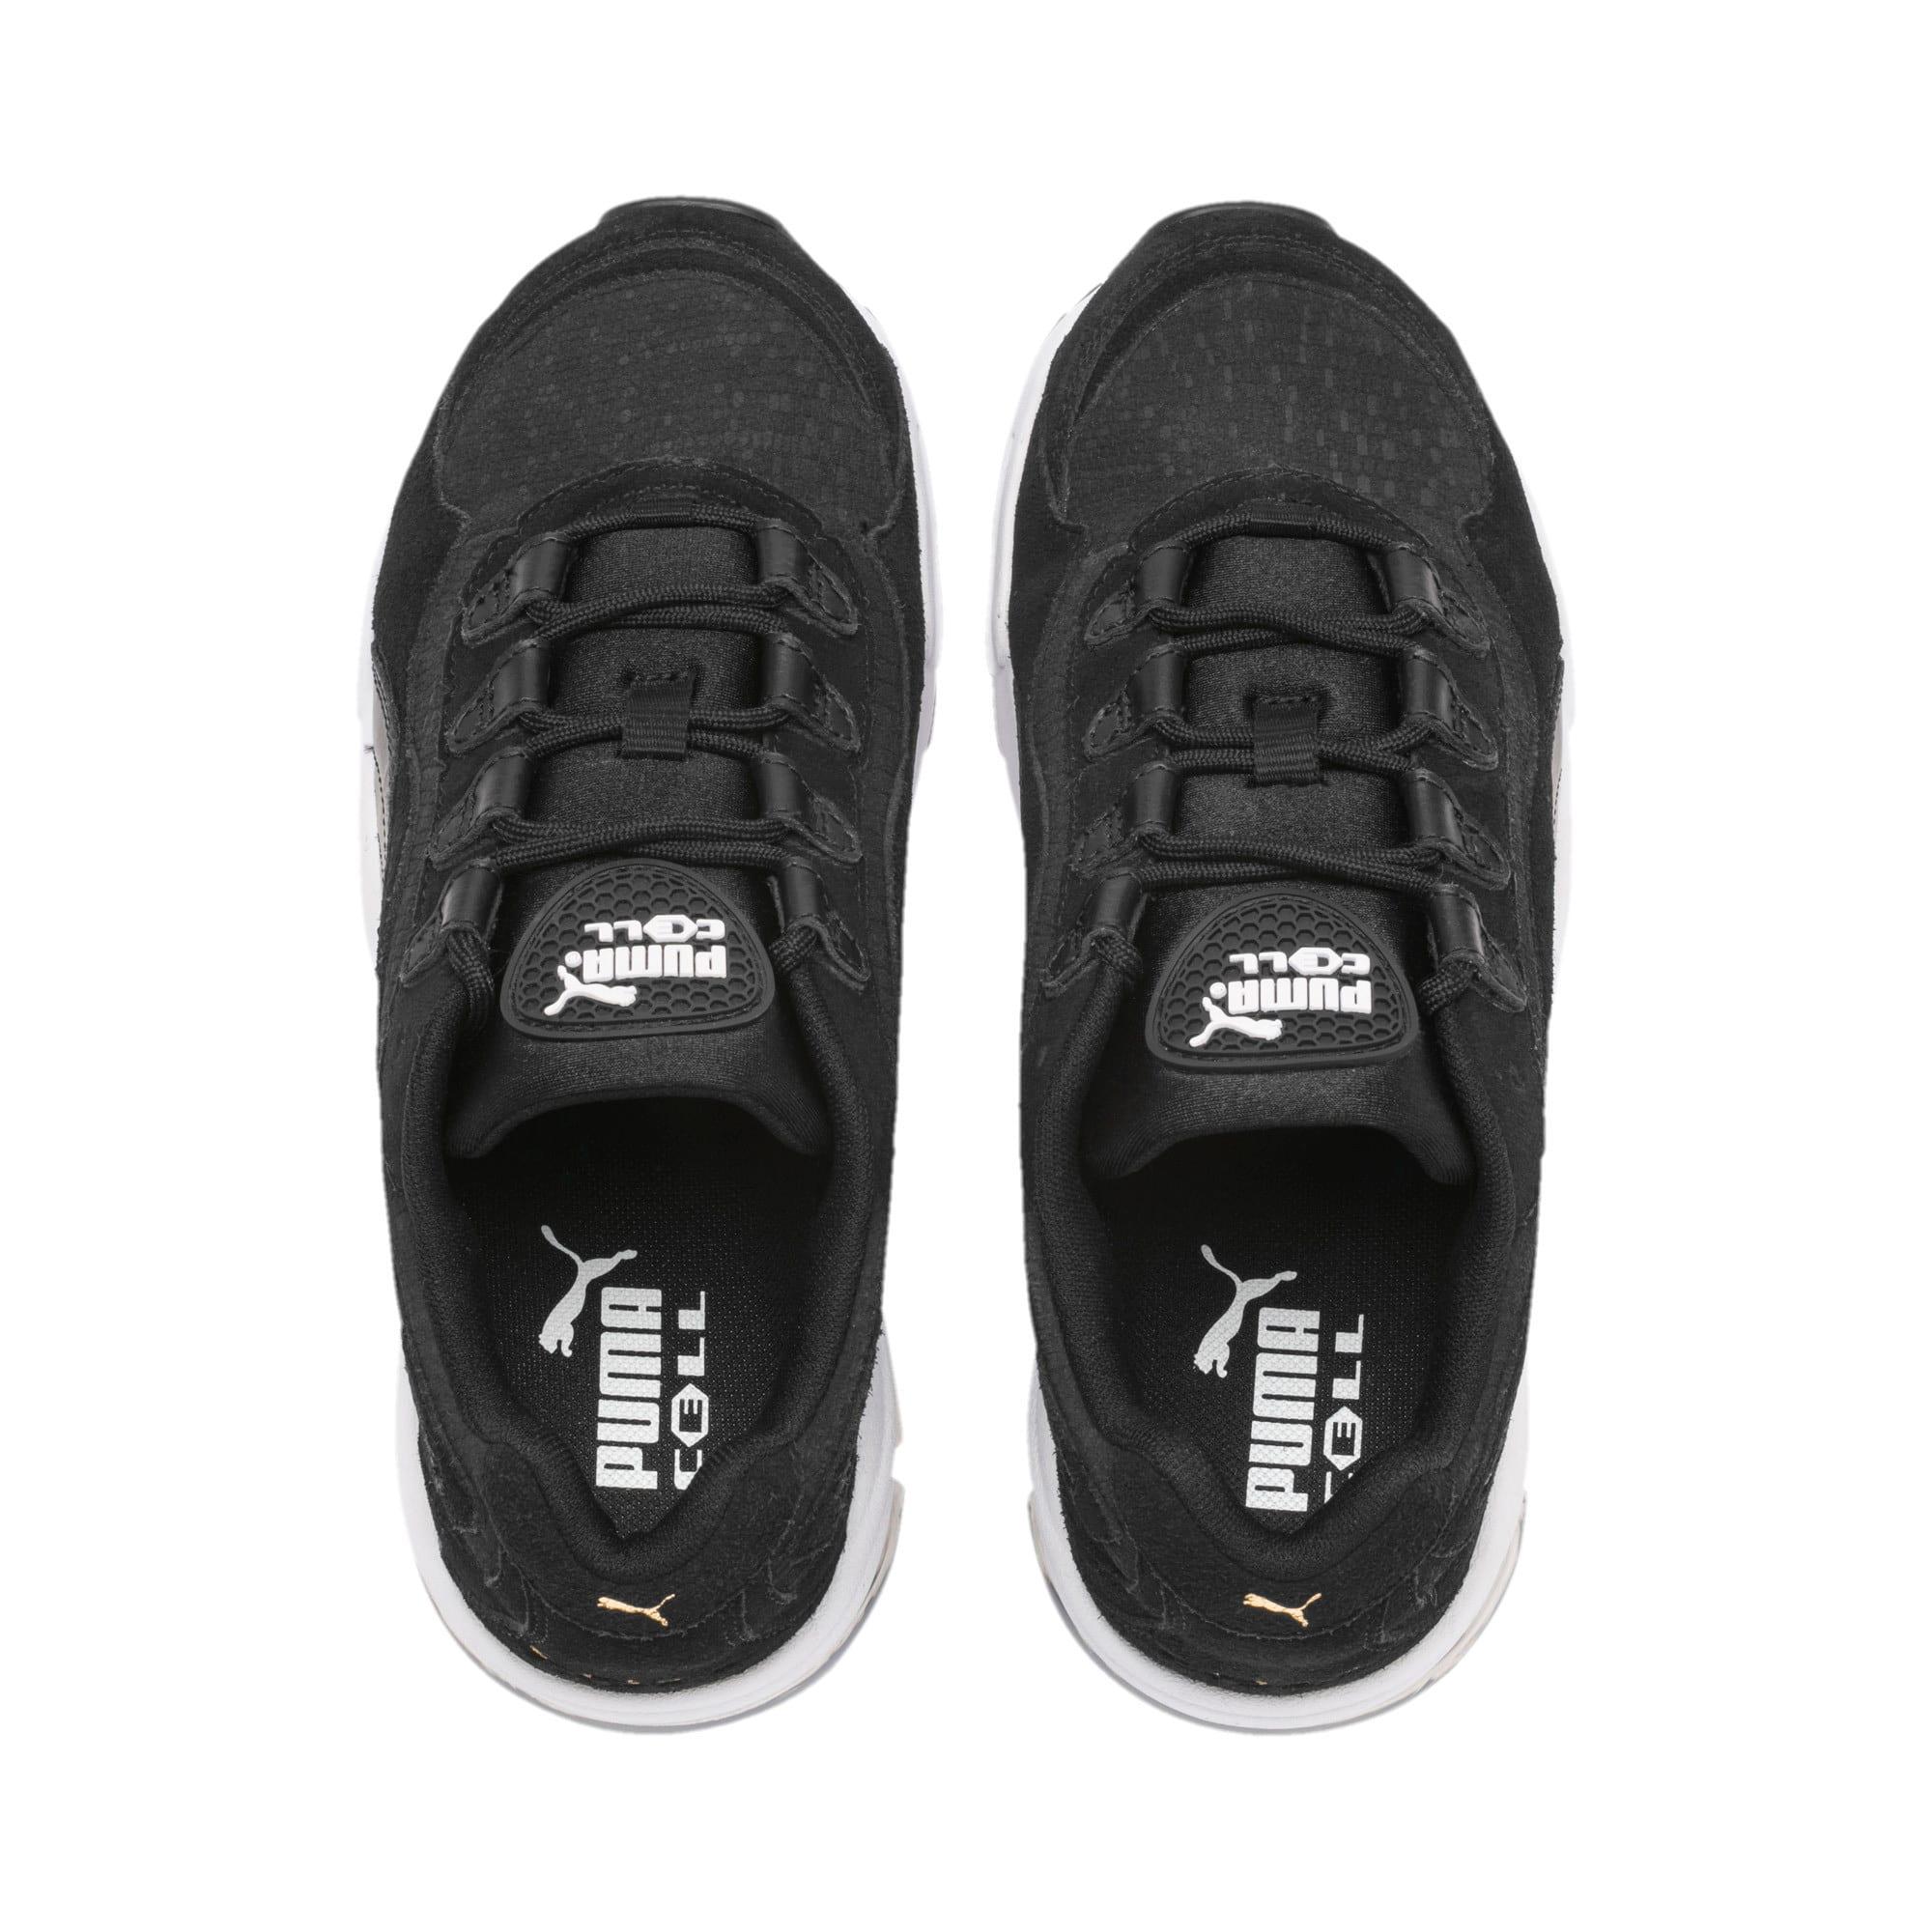 Thumbnail 7 of CELL Stellar Tonal Women's Sneakers, Puma Black-Puma Team Gold, medium